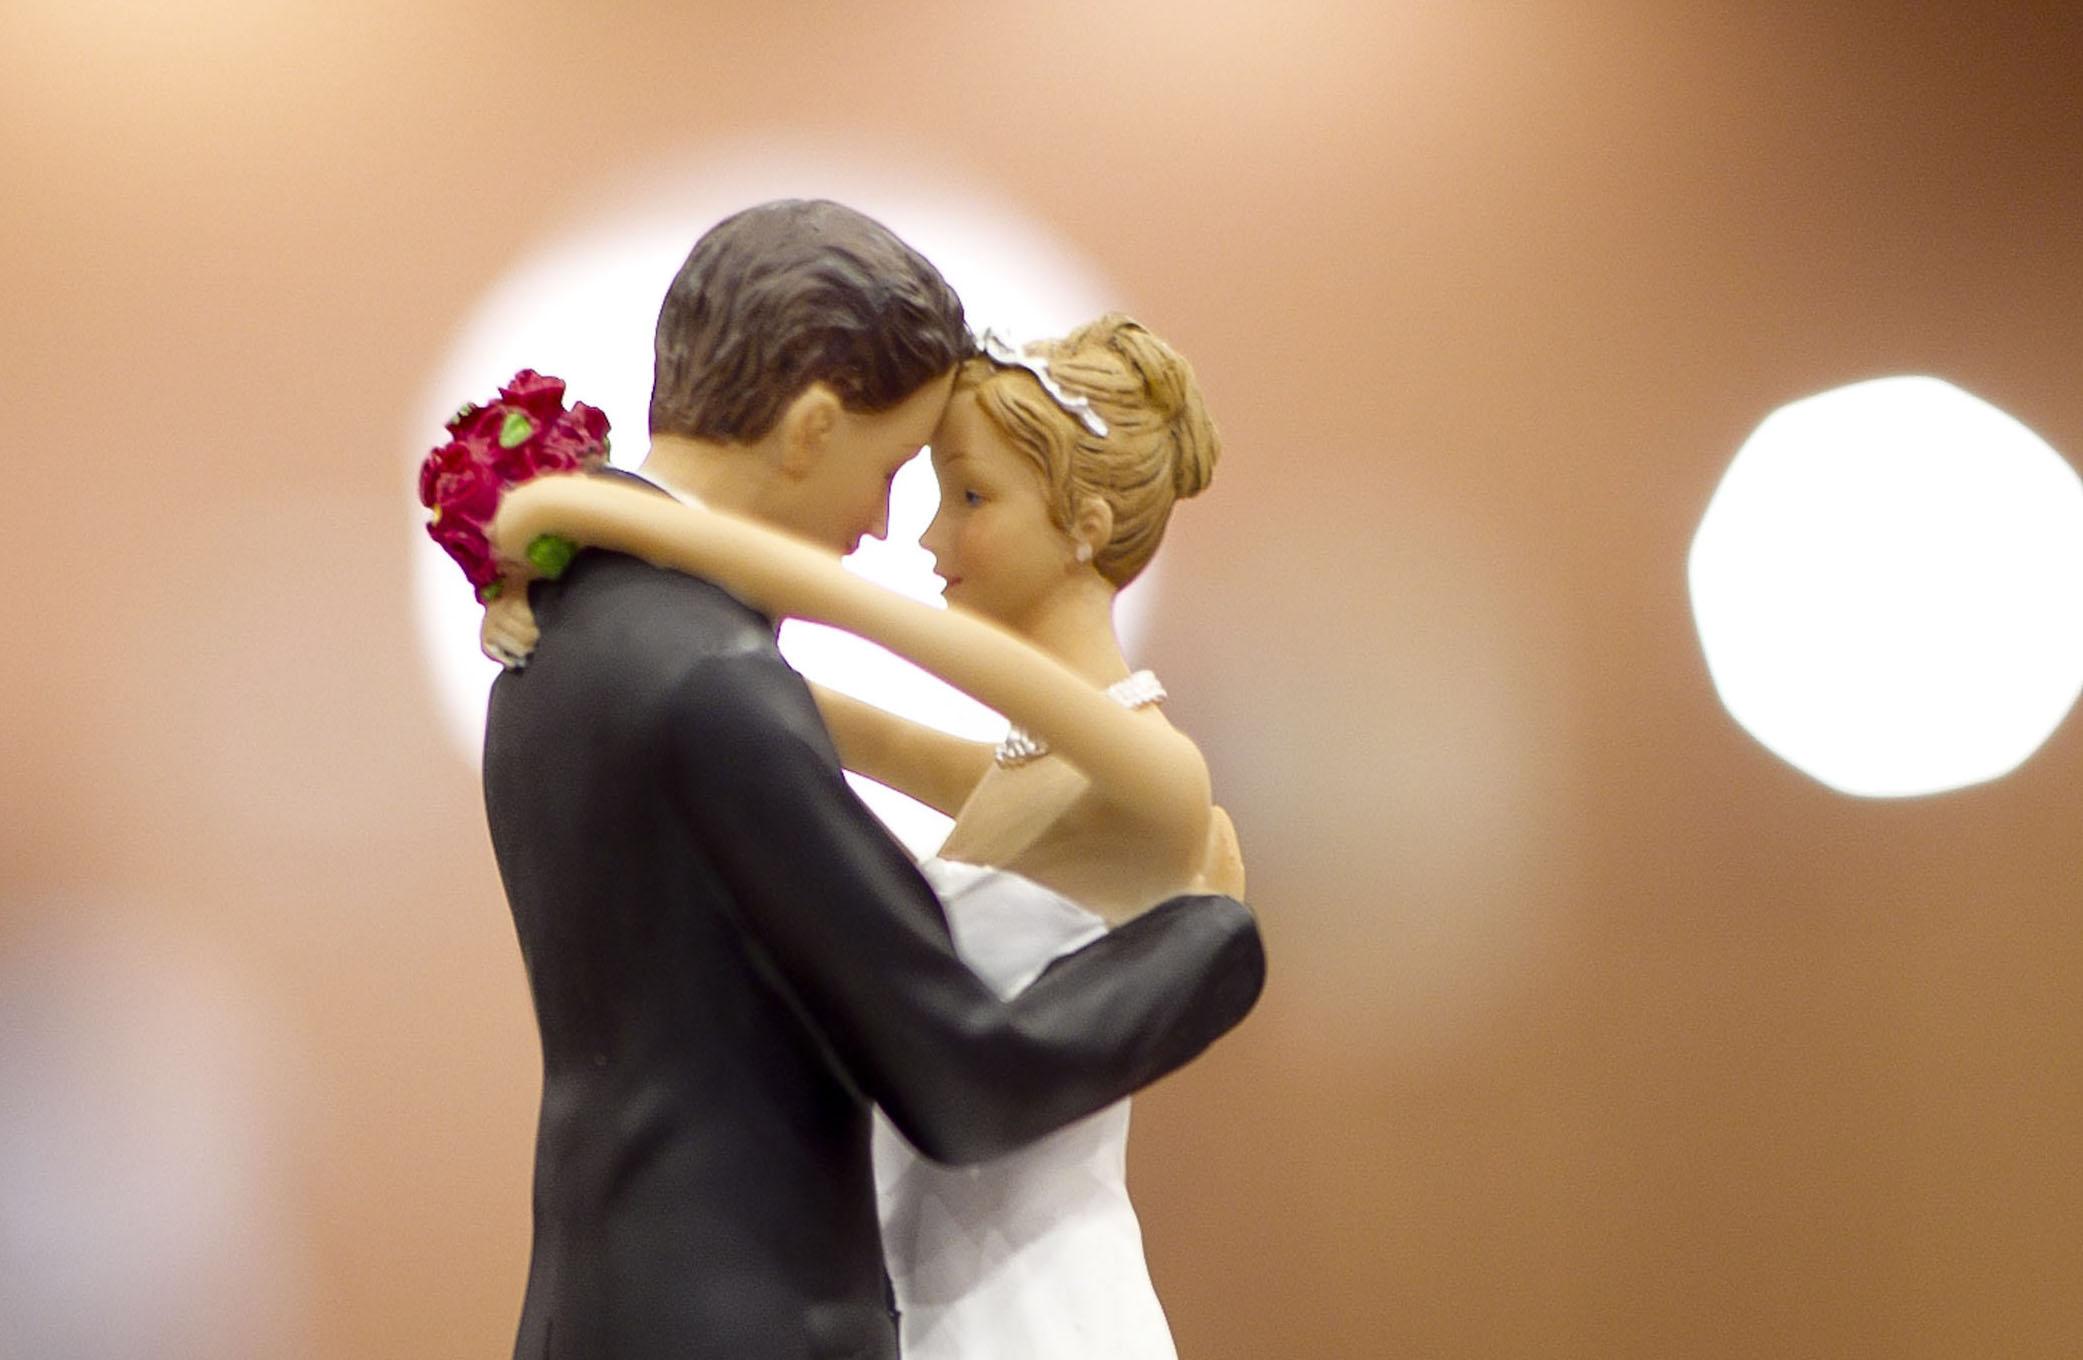 女生夢想進入婚姻,但偏偏男友就是遲遲不能決定! 這種狀況很多吧? 但是當以下19個瞬間發生,就是讓男孩下定決心的時候!